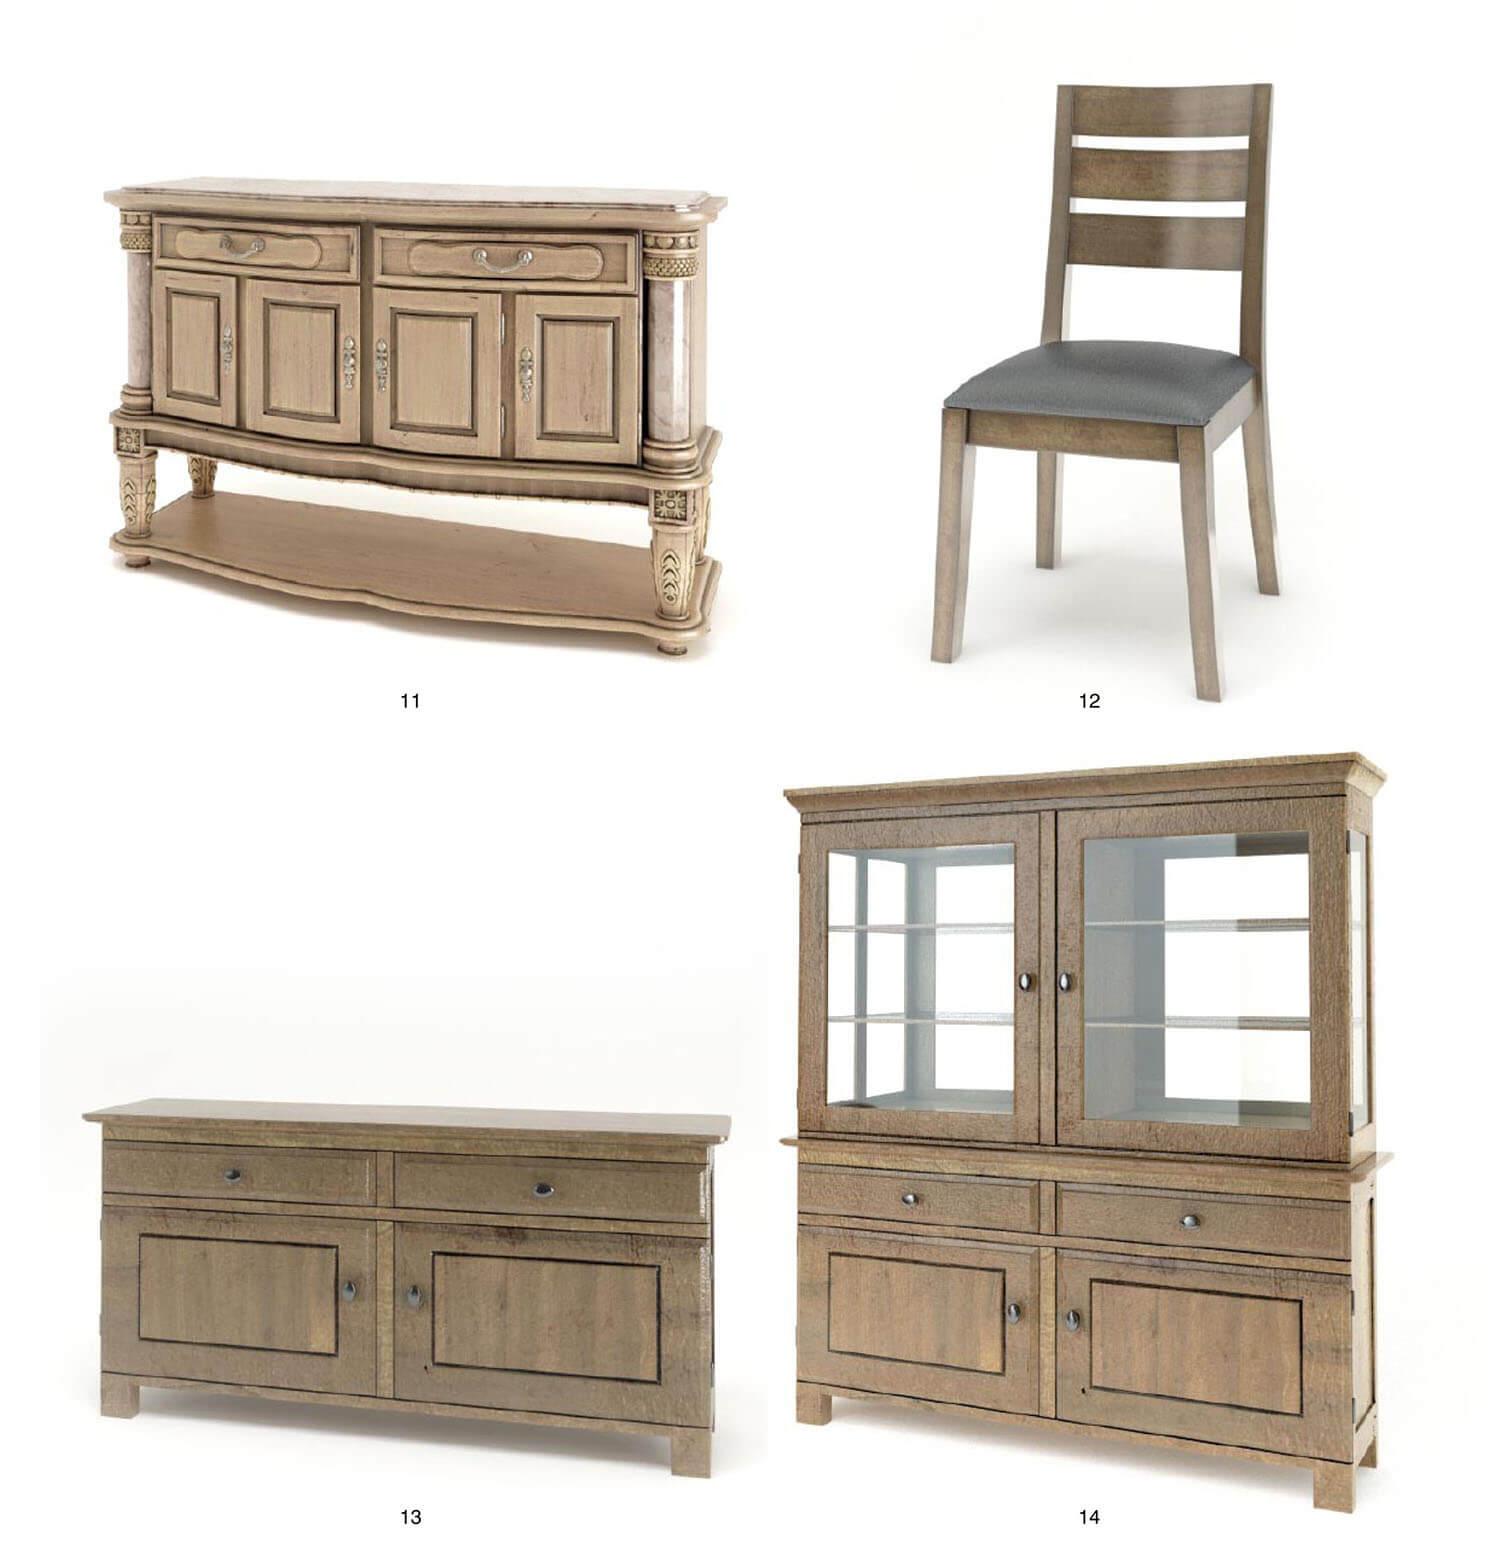 Bàn ghế, tủ trang trí với màu gỗ sáng màu độc đáo